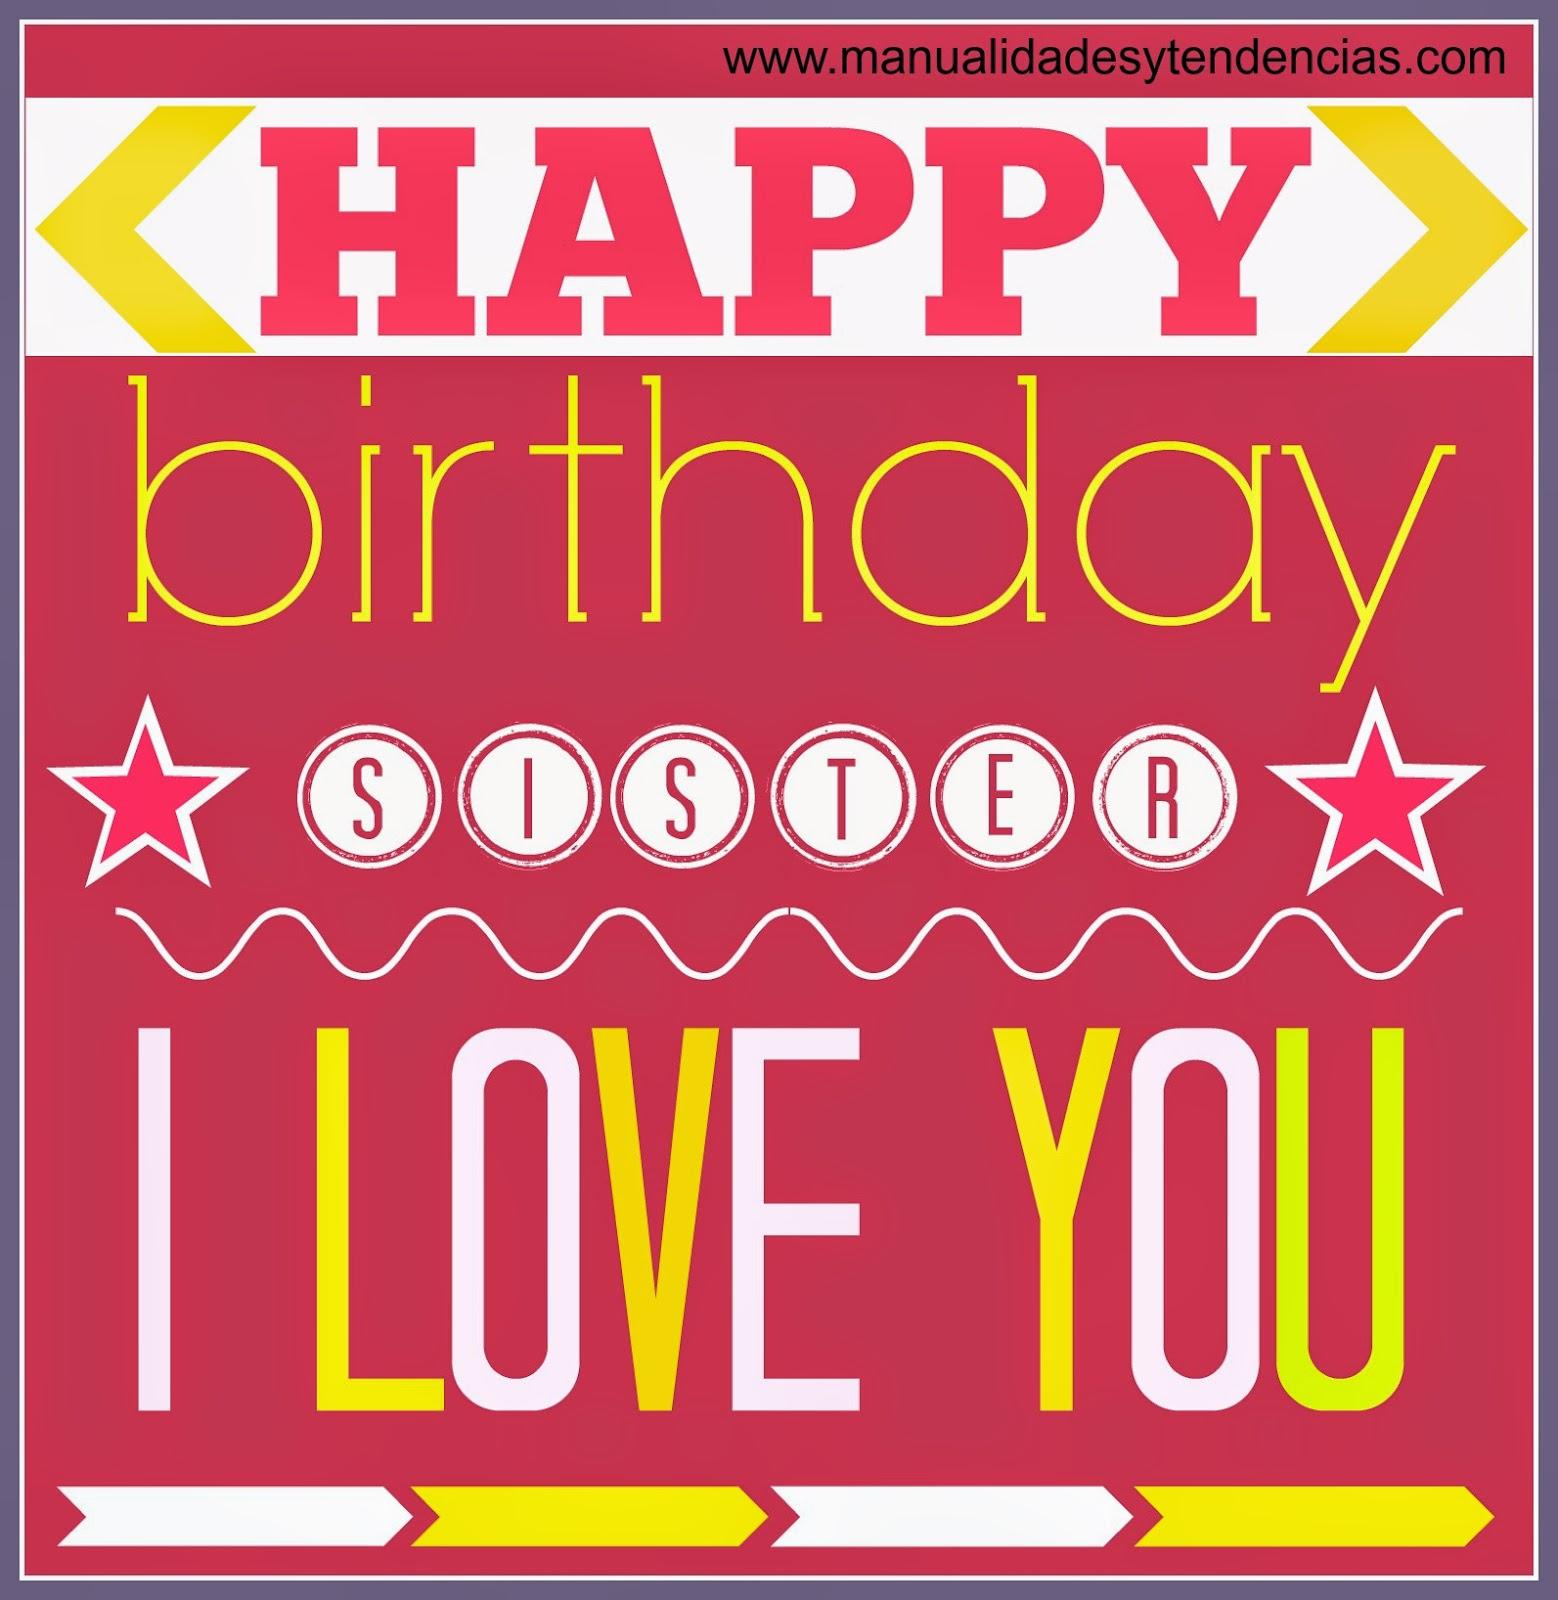 Tarjeta de cumpleaños imprimible gratis hermana